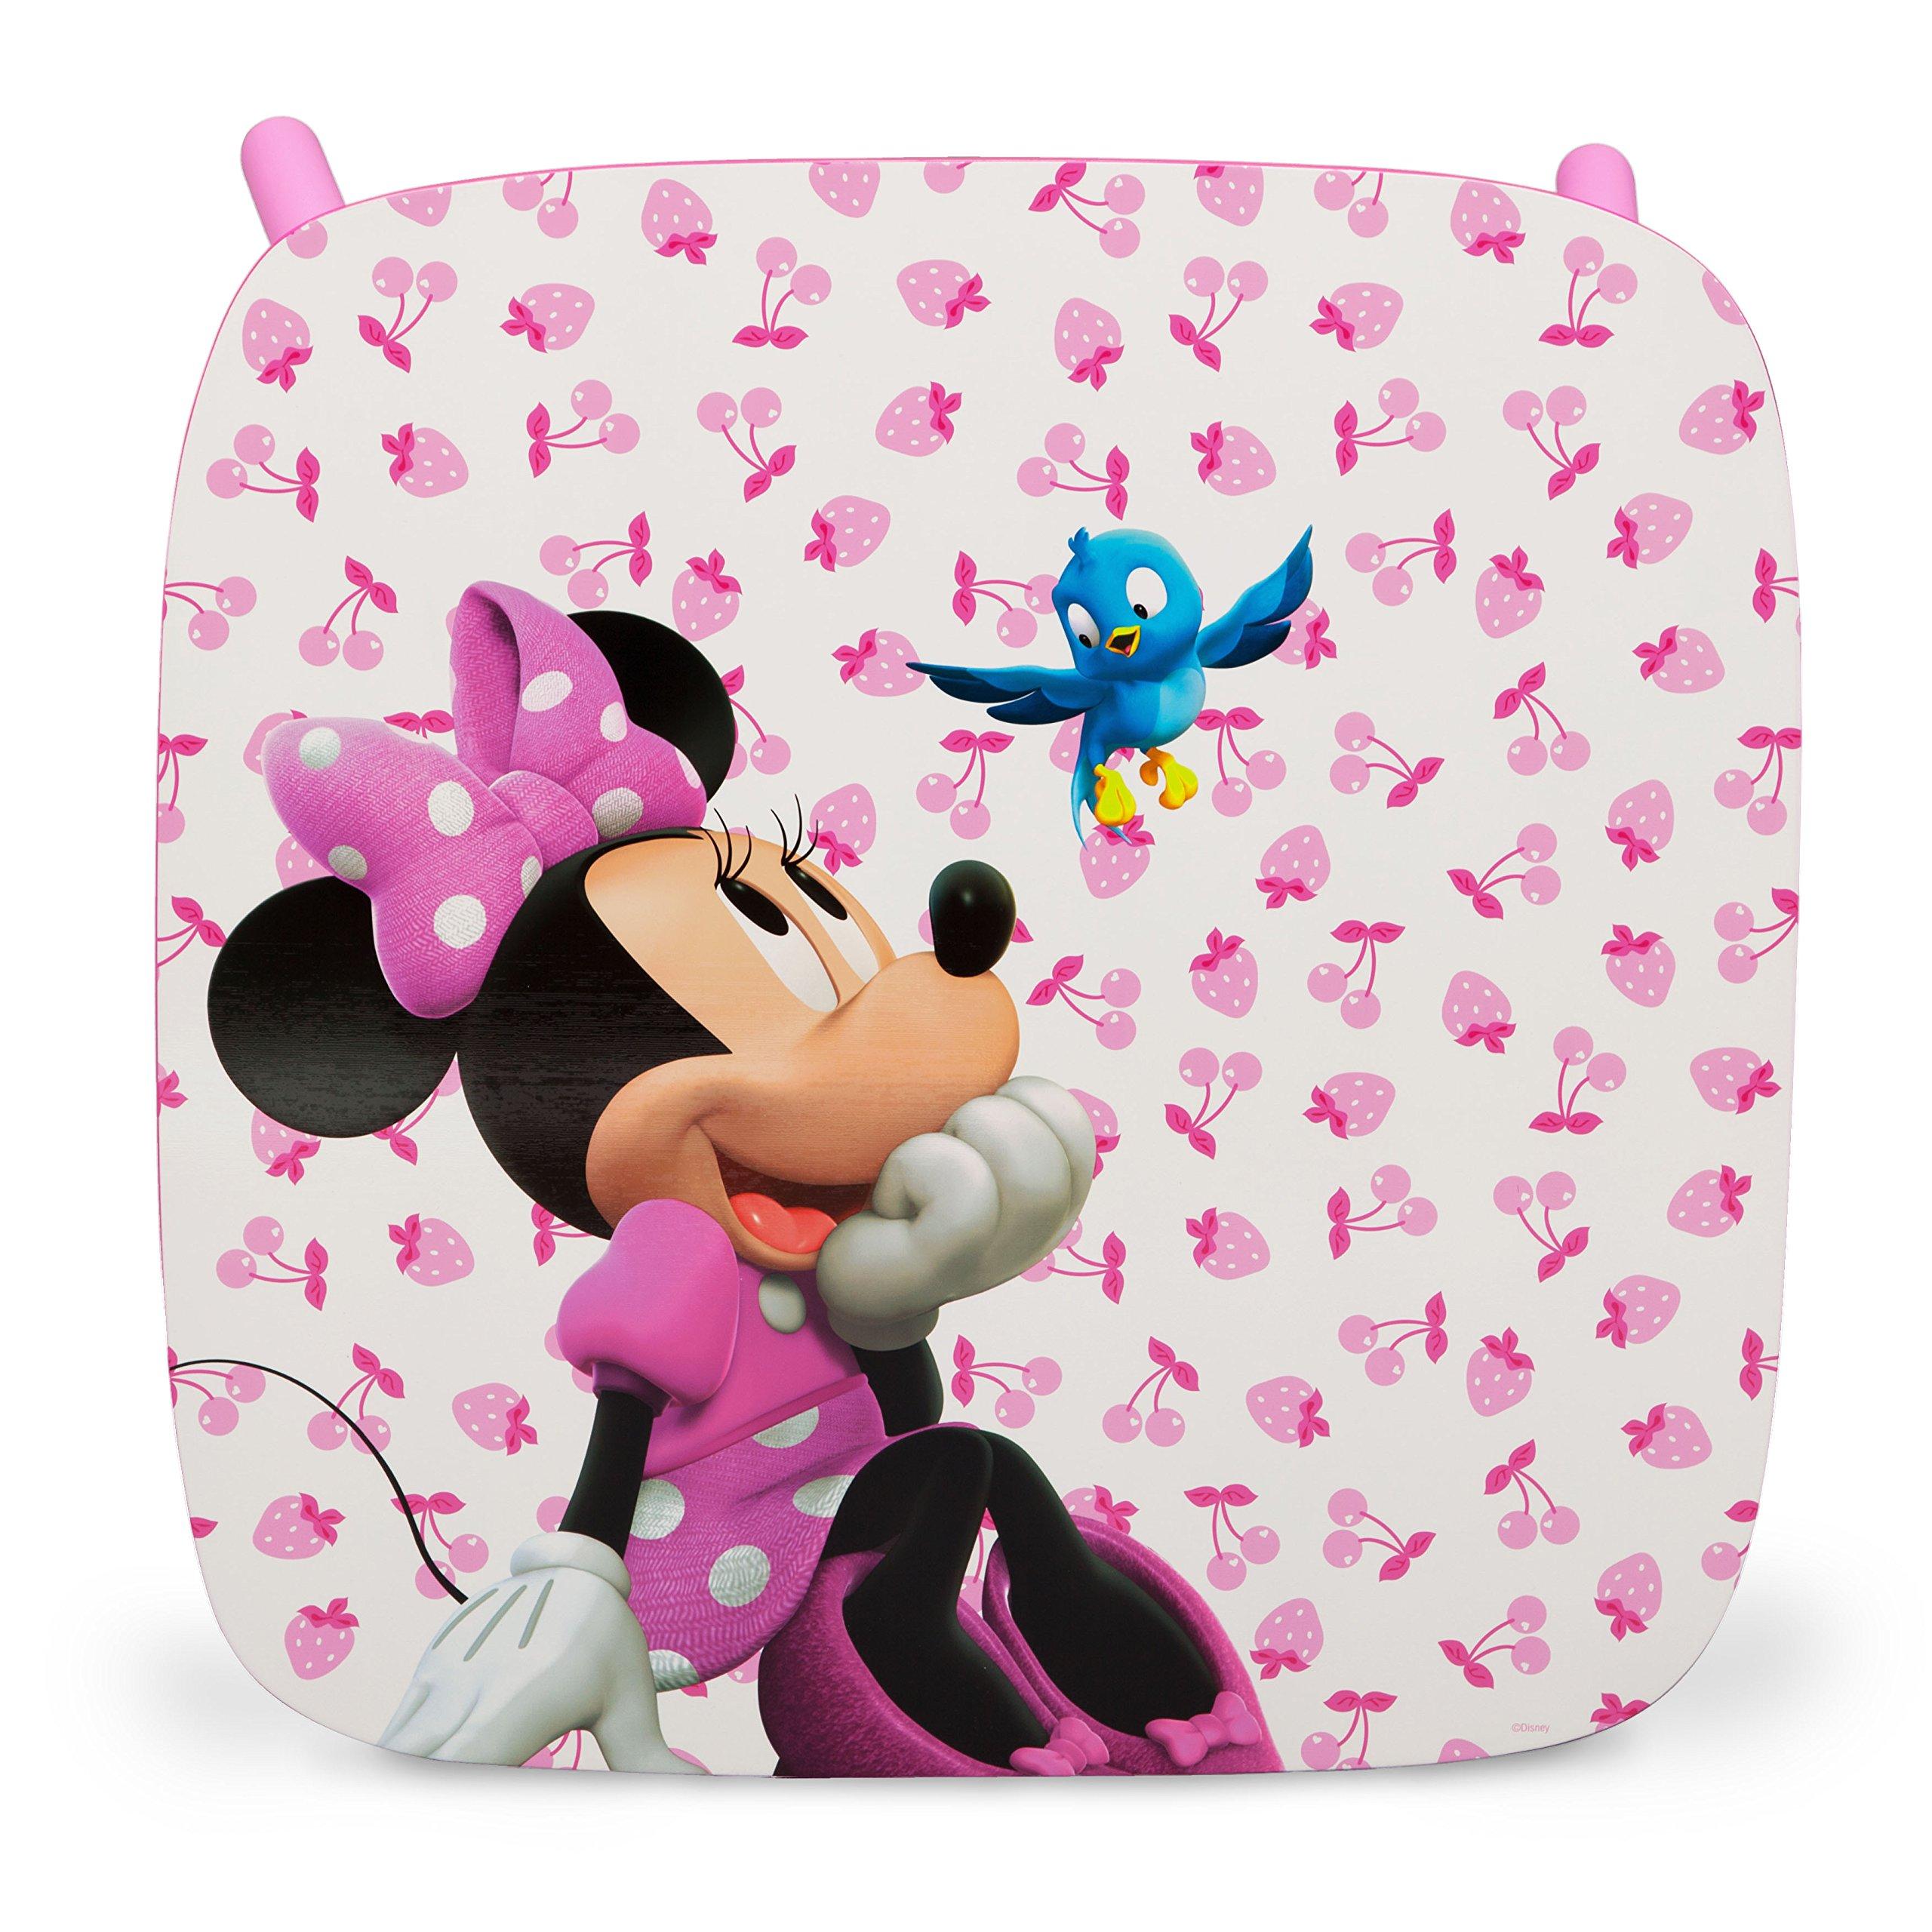 ecb342381b Disney - Set Tavolo con 2 sedie per bambini Minnie Mouse - Giochi Legno